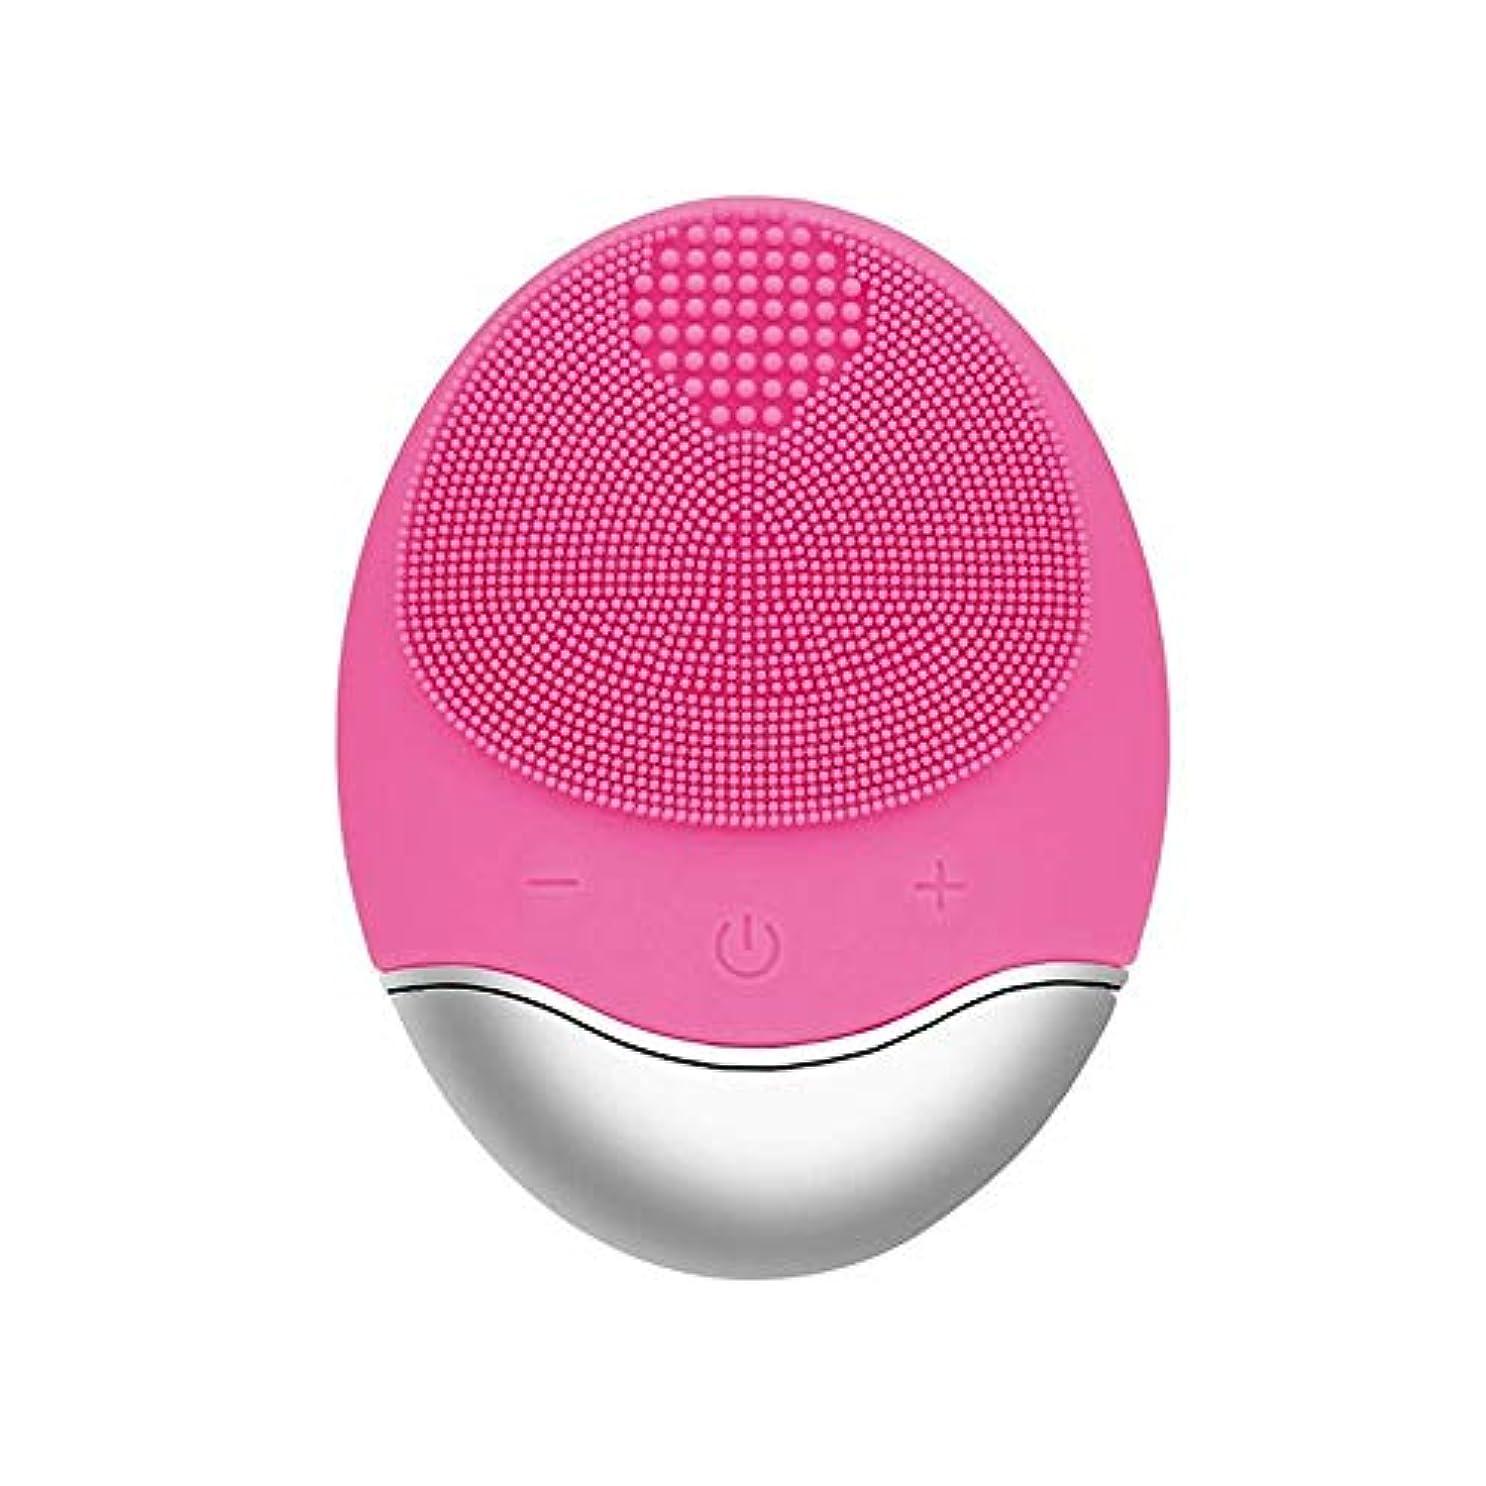 電化するエミュレートするバングZXF 新しい竹炭クレンジング楽器クレンジングポア充電式電気シリコーンにきびクレンジング楽器ピンク 滑らかである